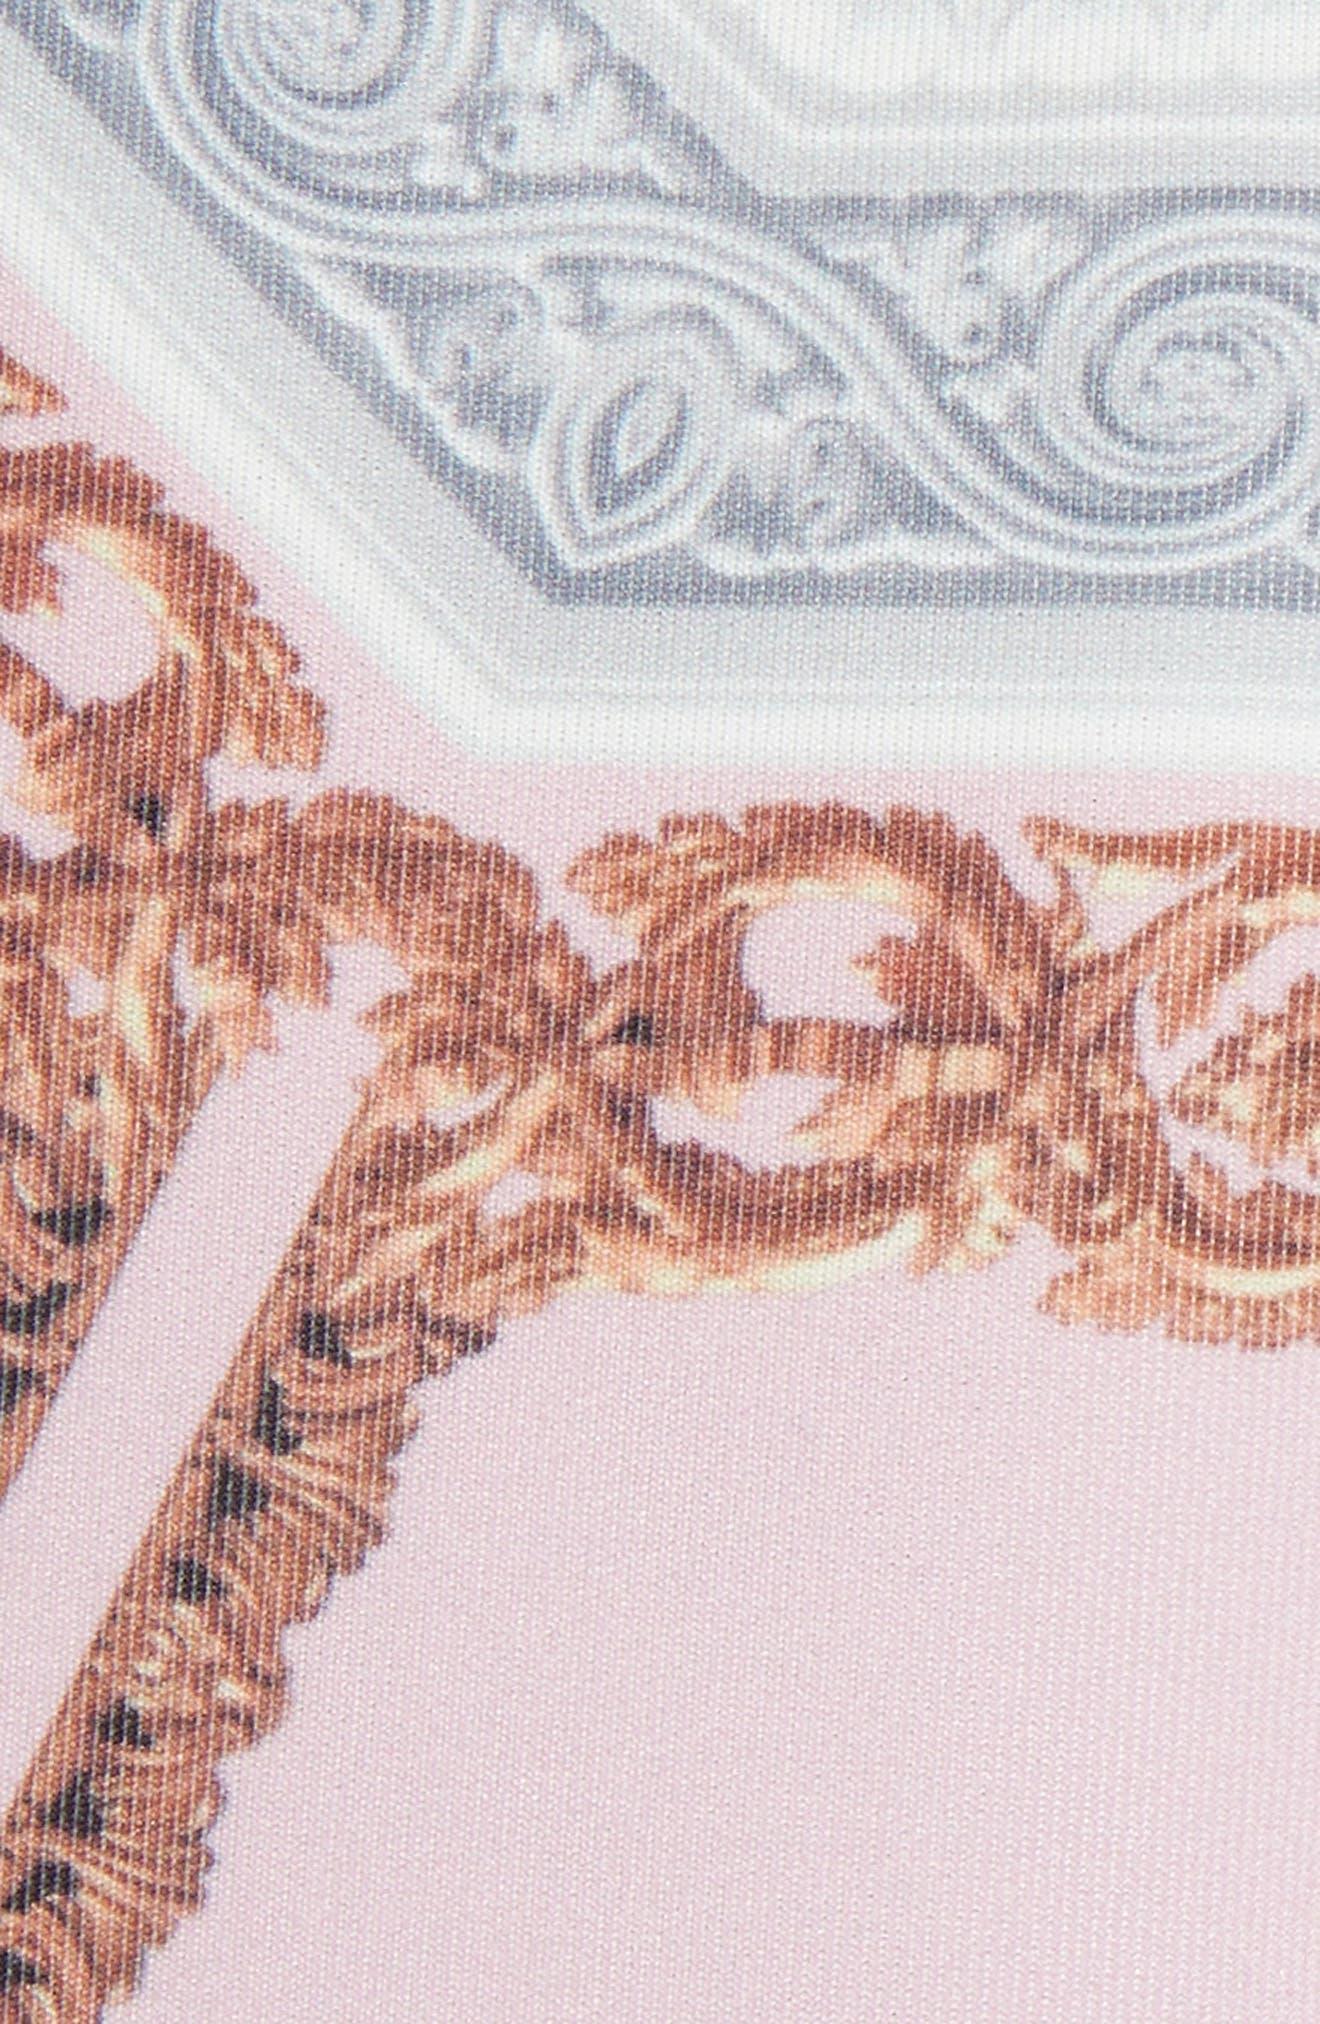 Norahe Versailles Cold Shoulder Dress,                             Alternate thumbnail 5, color,                             440